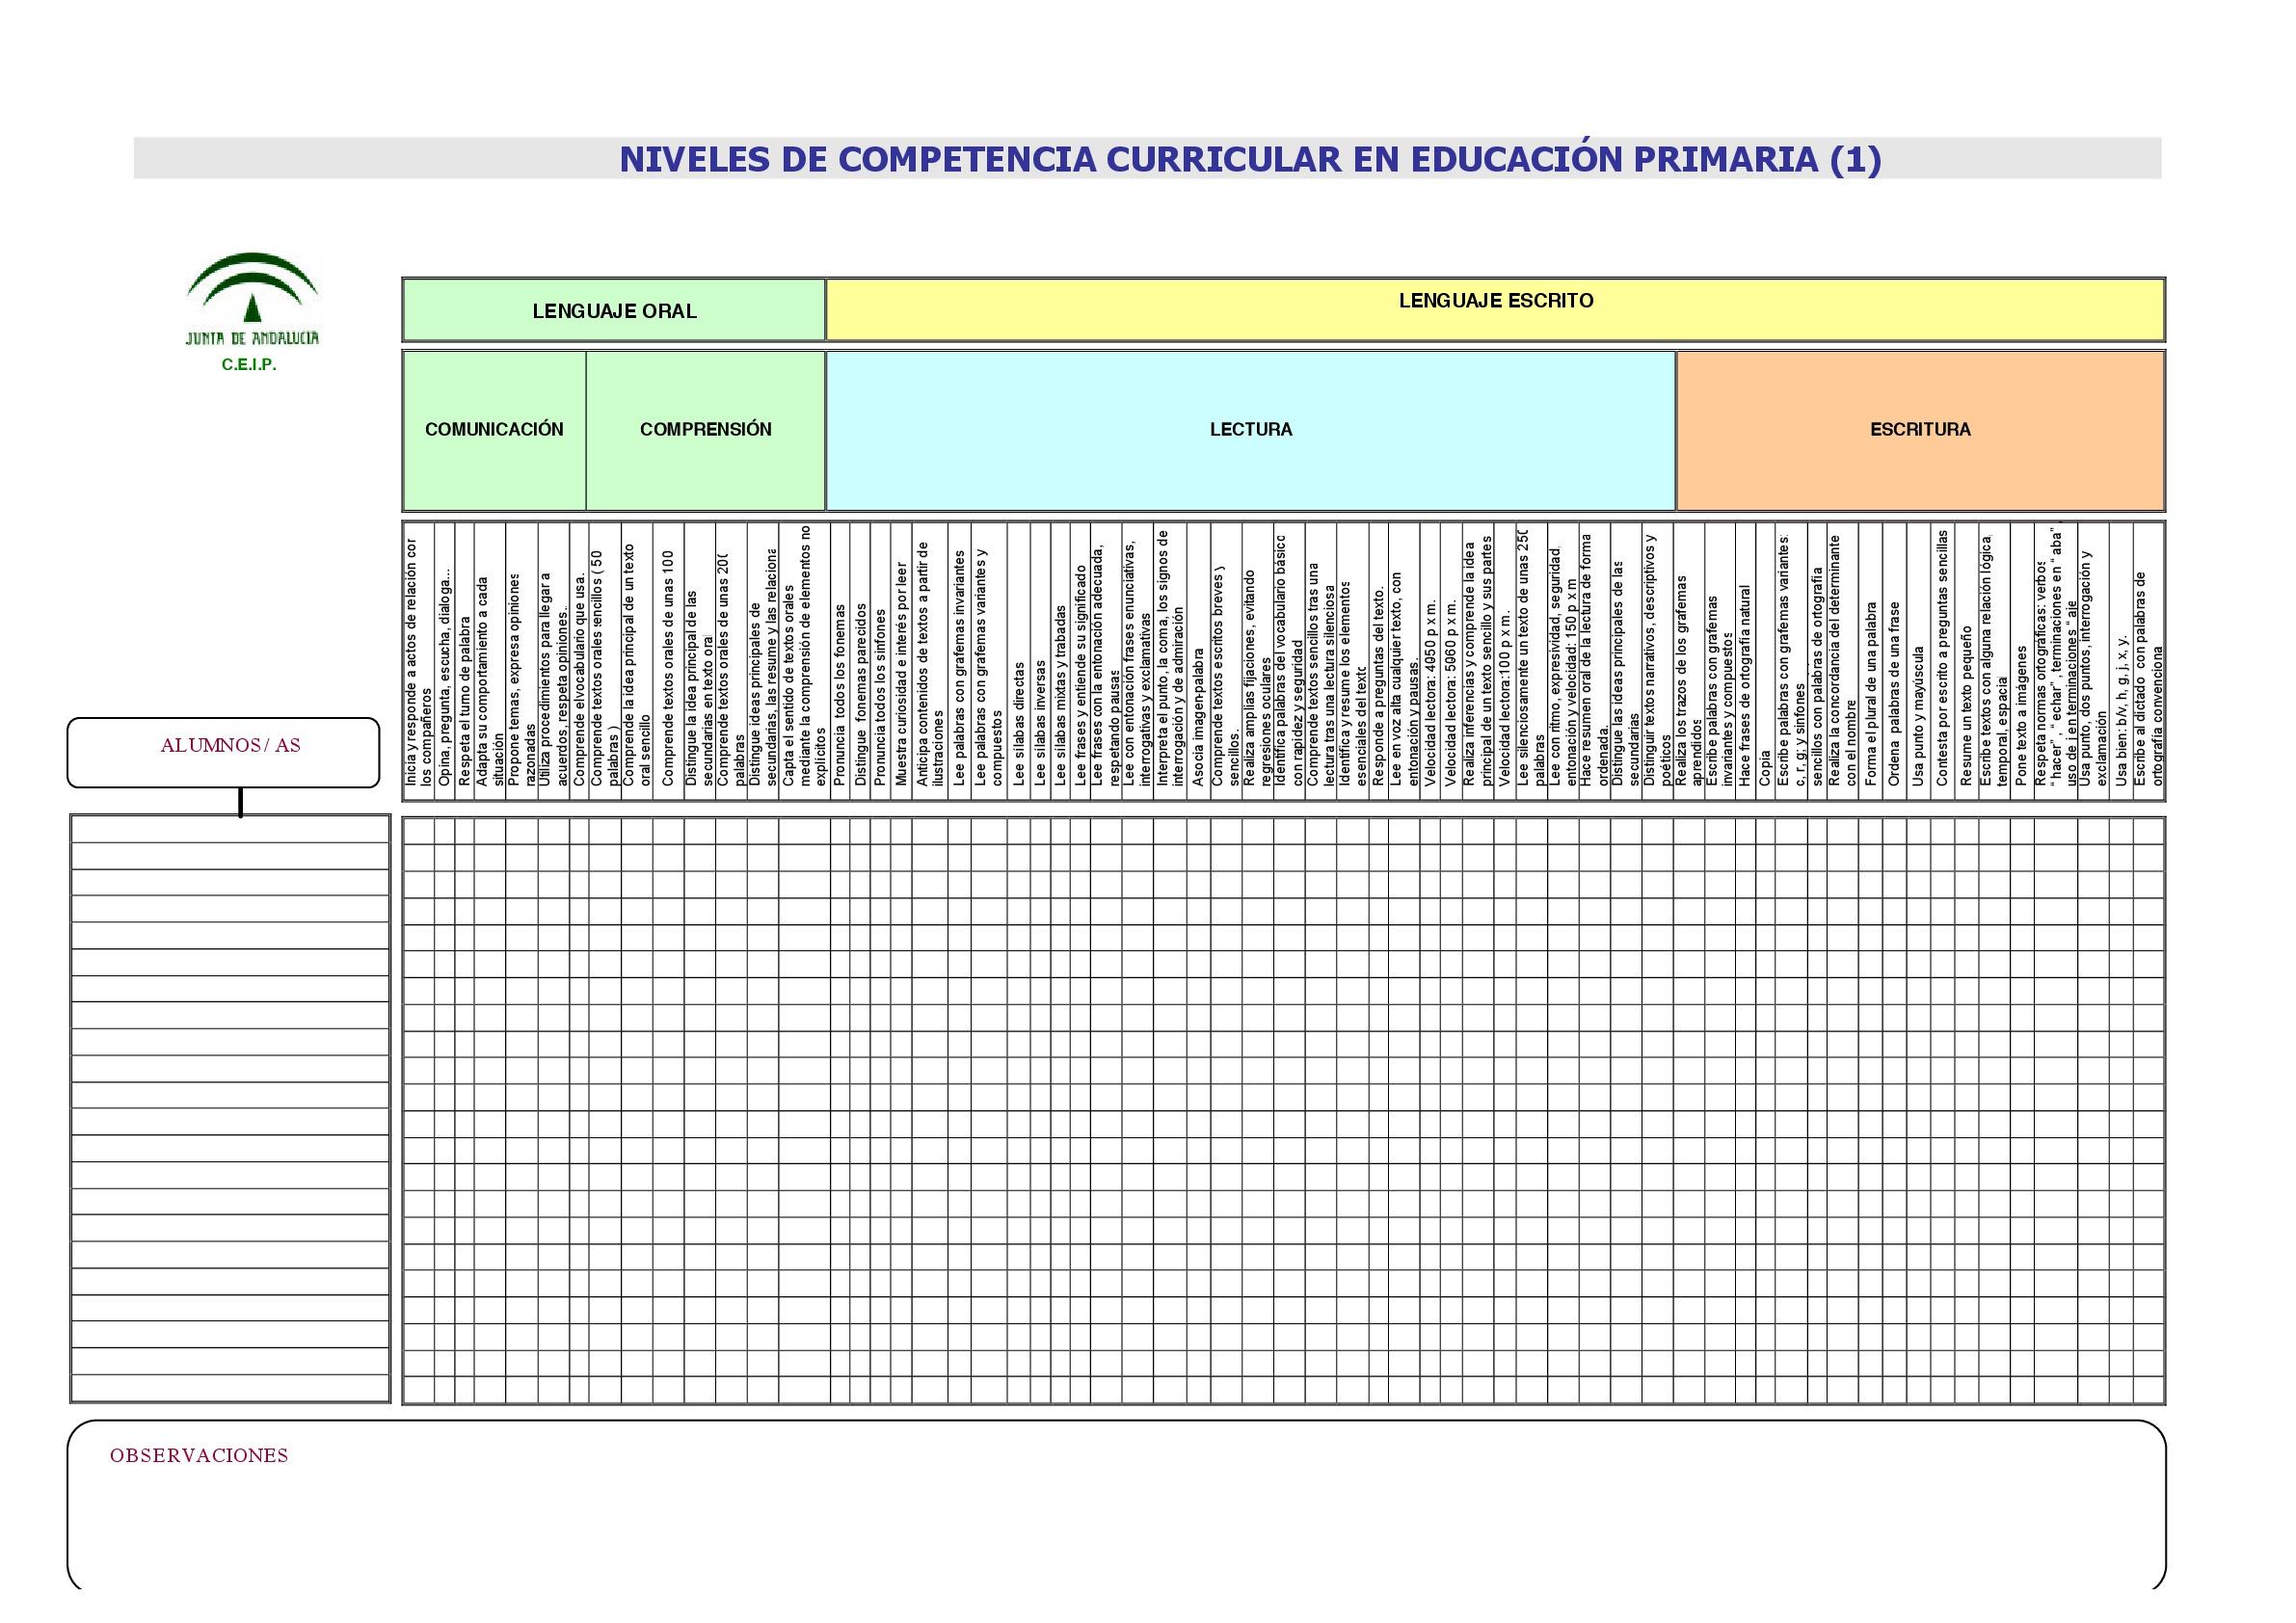 ncc-instrumentales-y-por-niveles-1-4-002